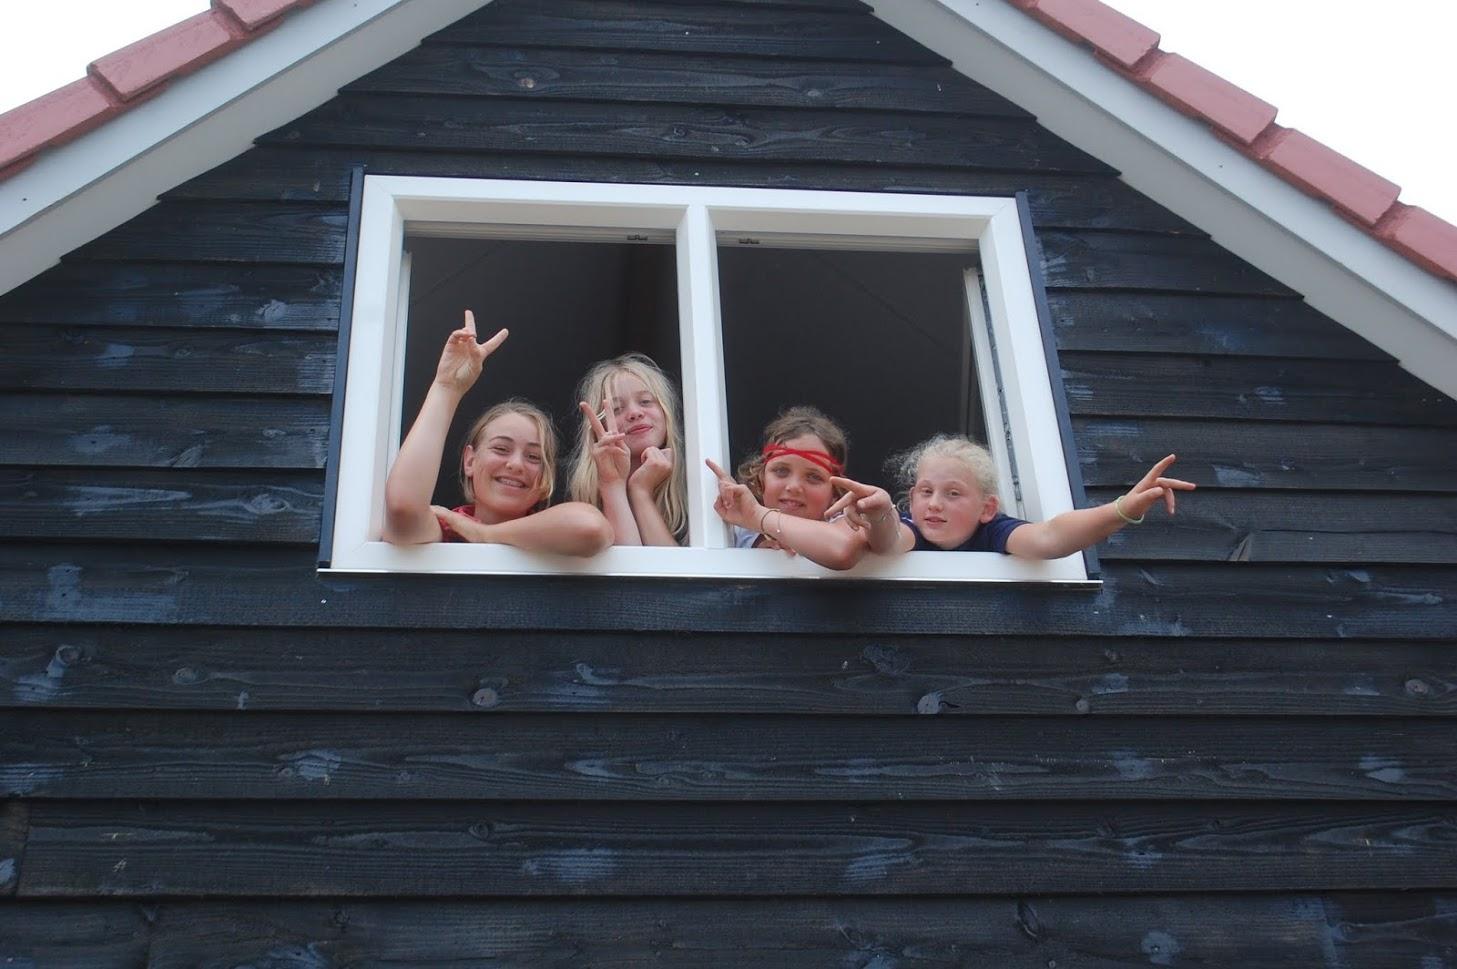 activiteitengebouw-raam